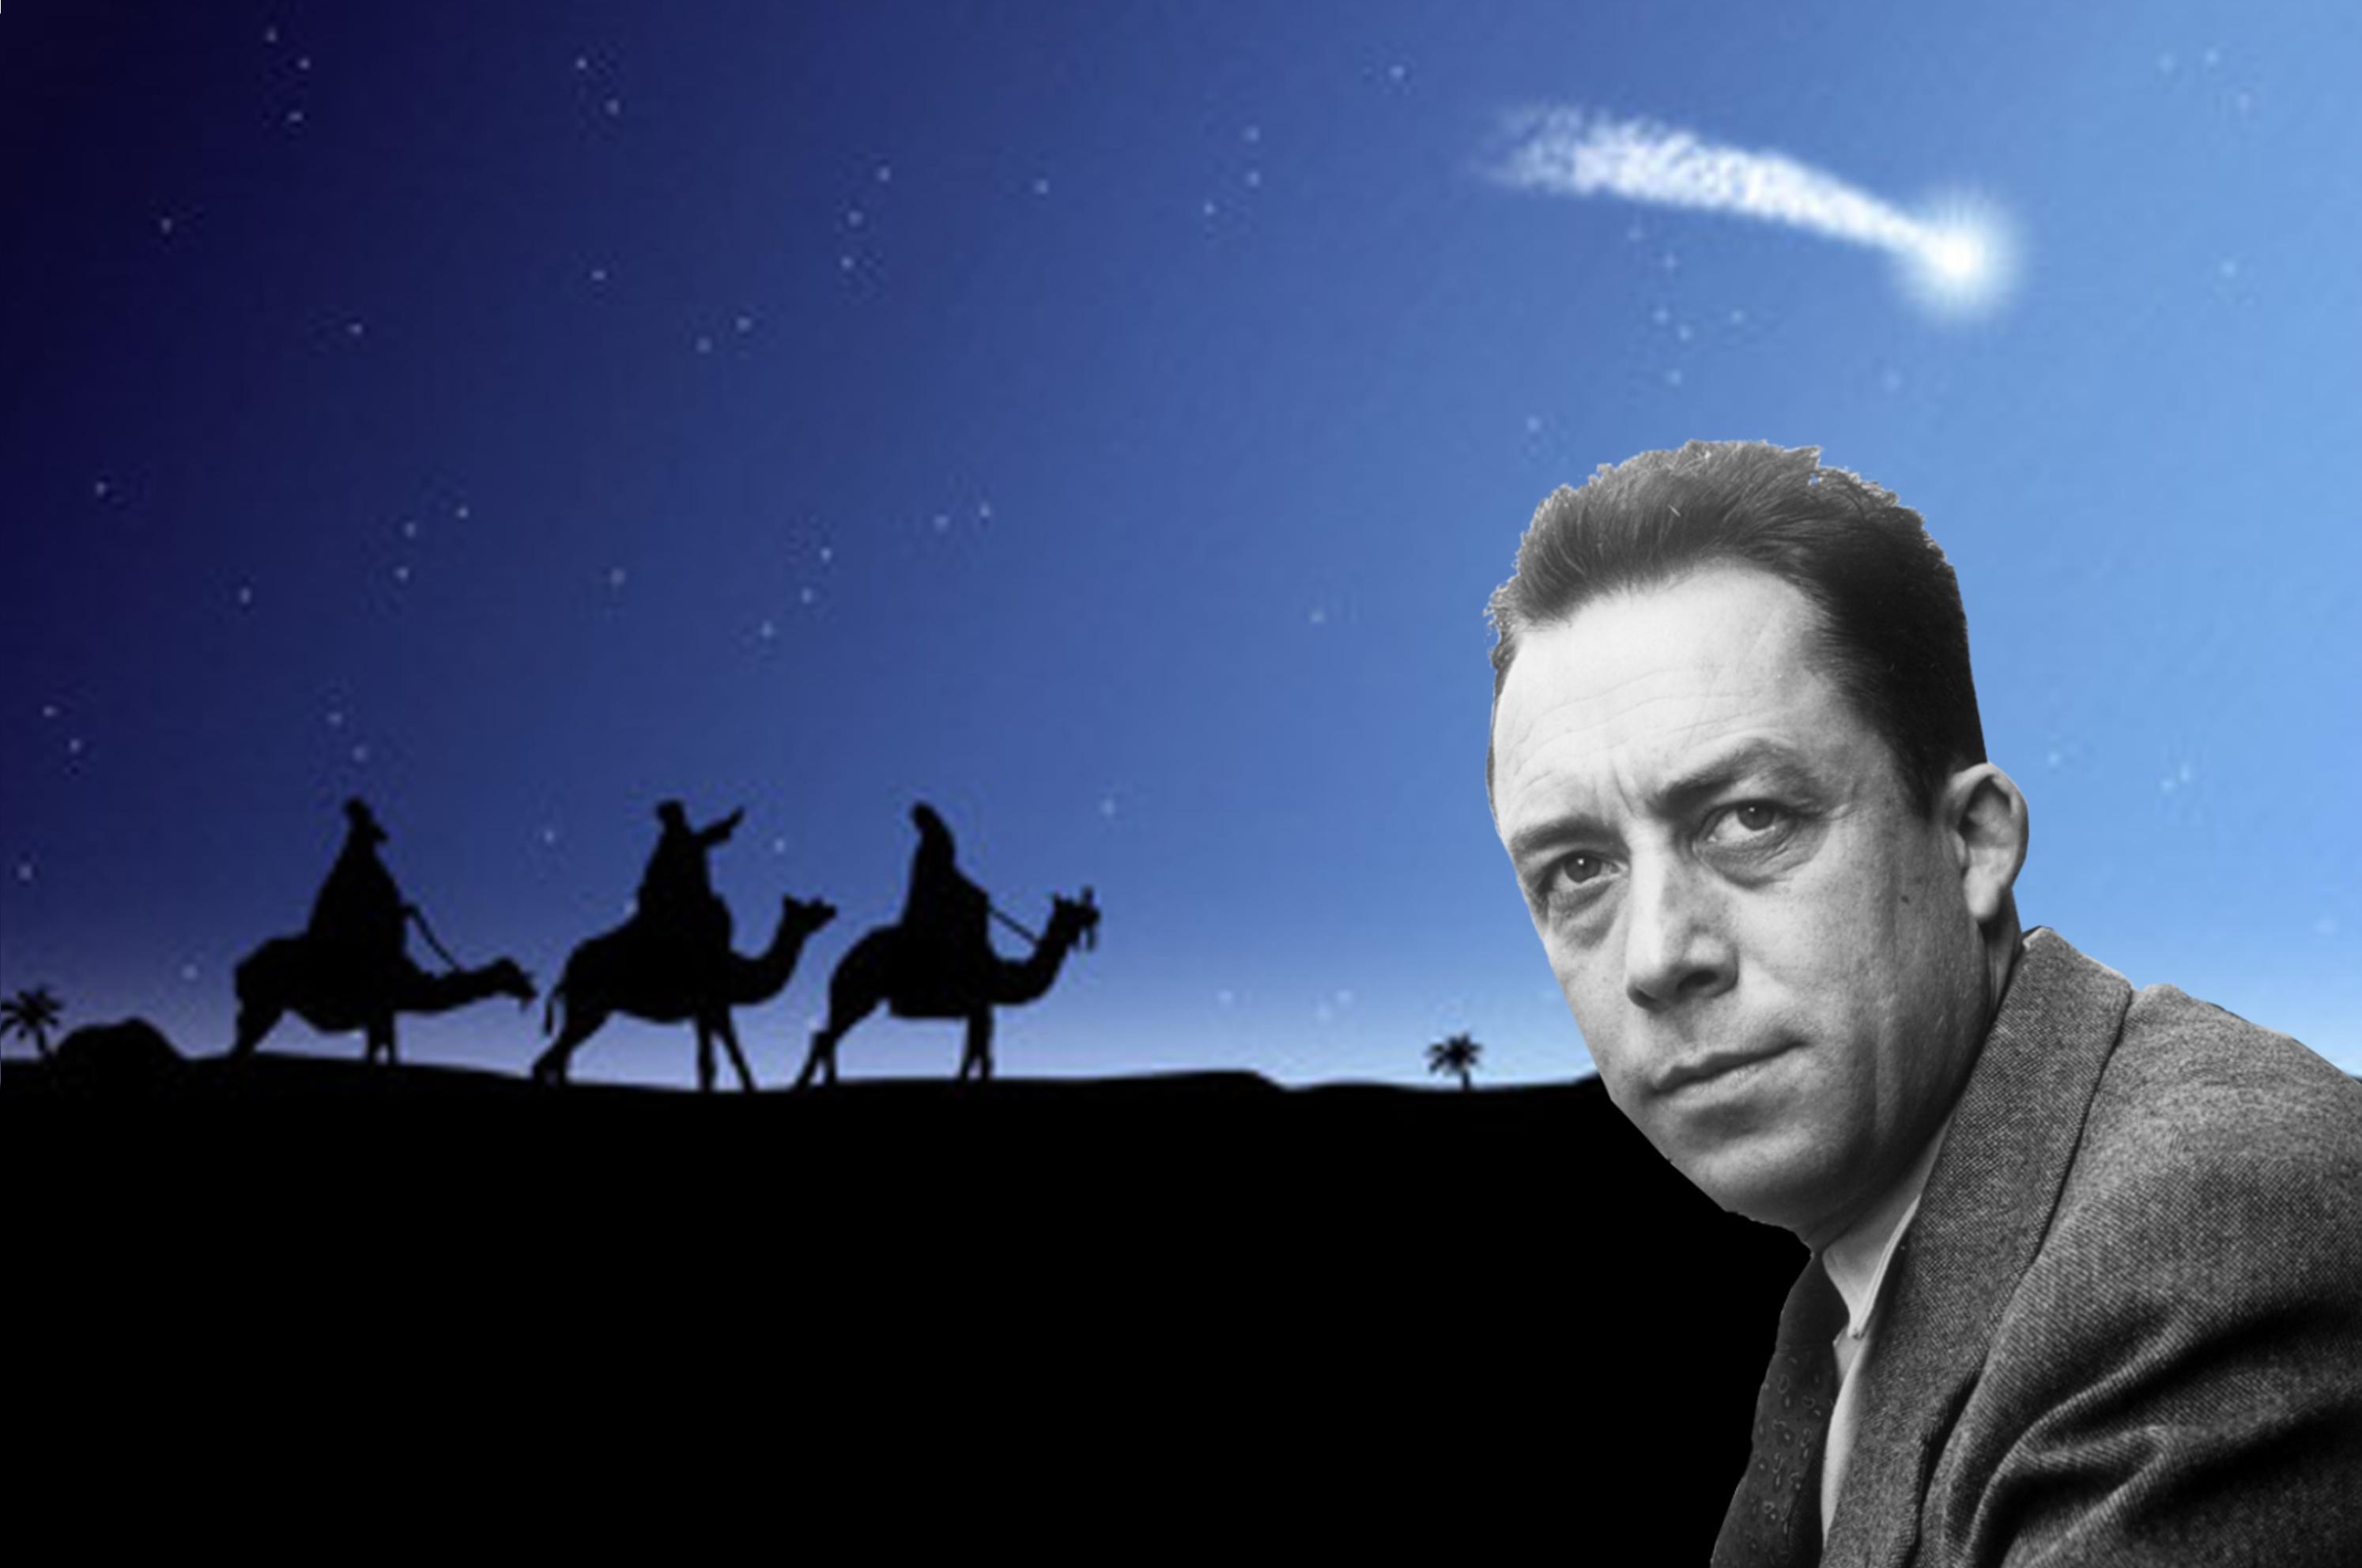 La conversione di Camus come i re Magi